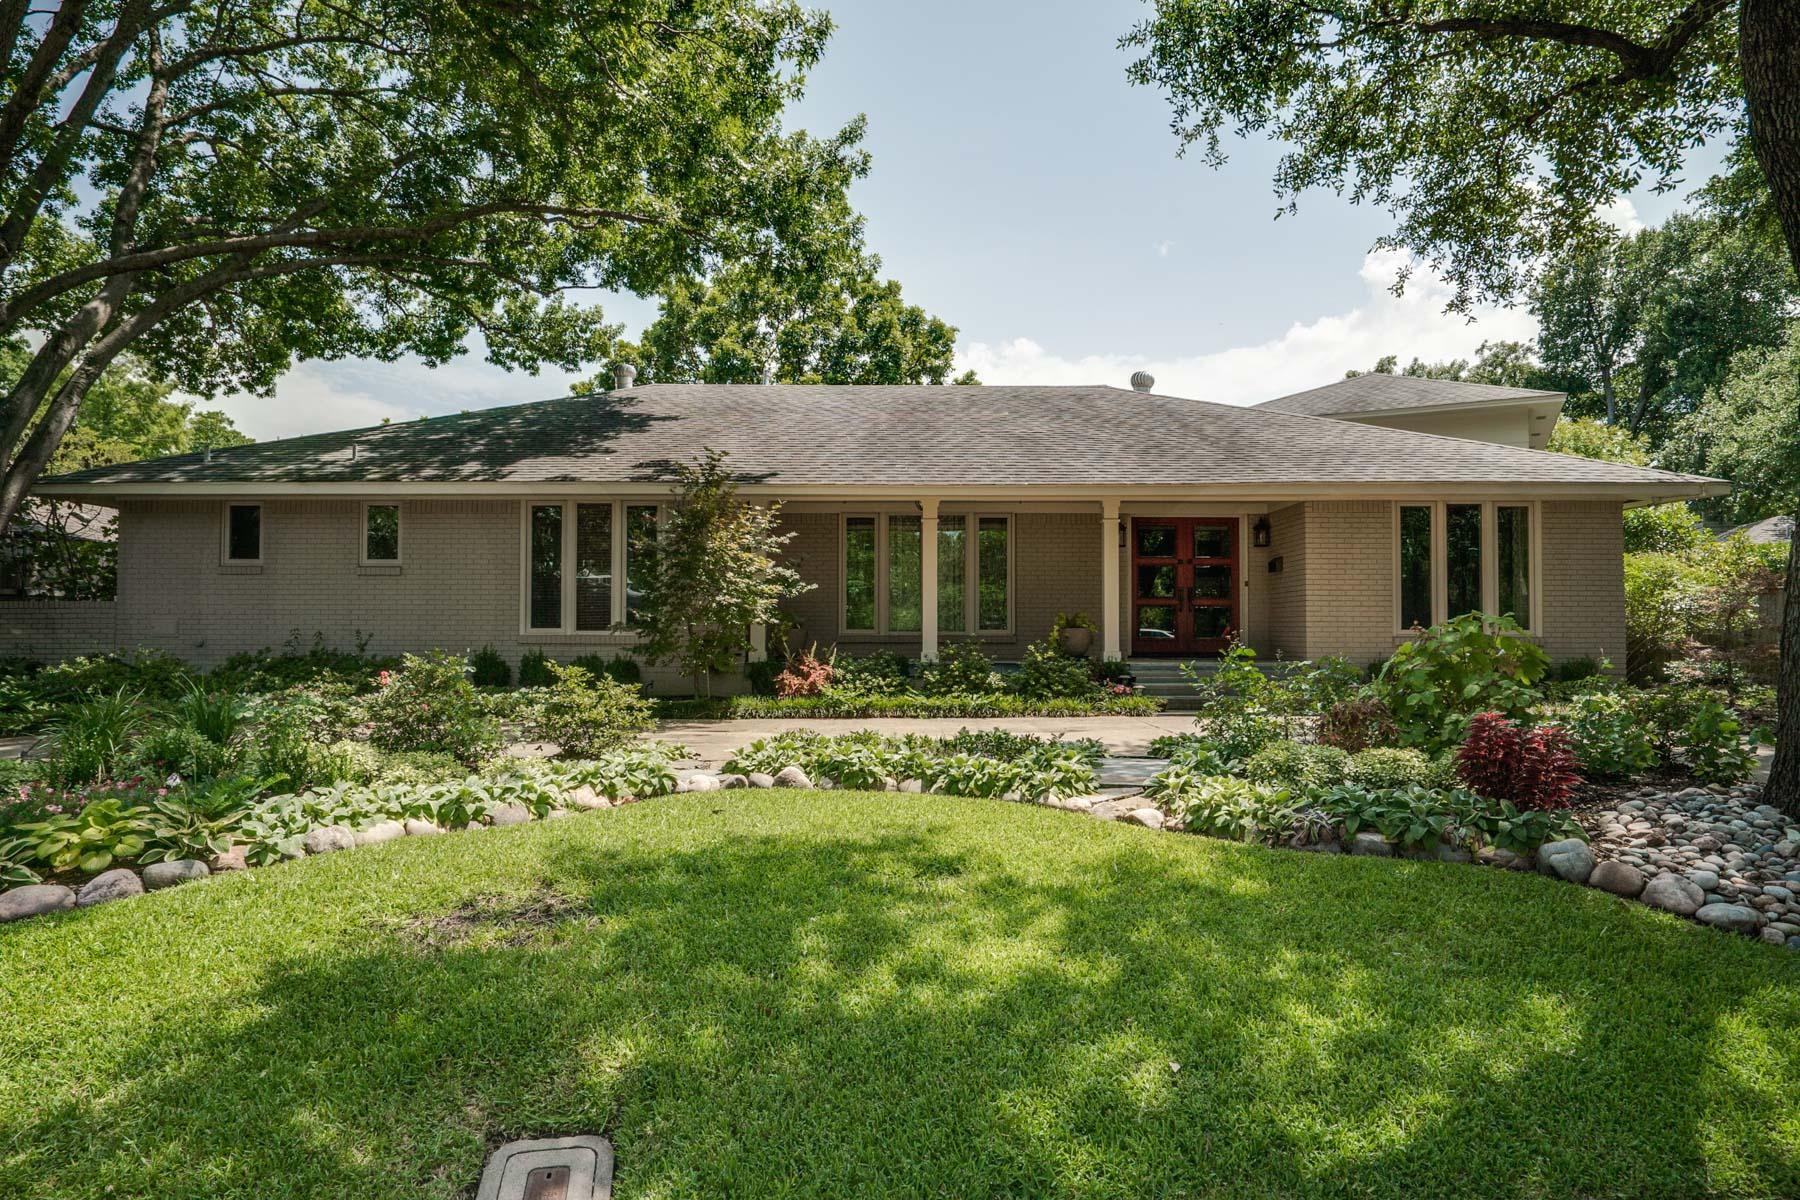 一戸建て のために 売買 アット 5714 Surrey Square Lane, Dallas 5714 Surrey Square Ln Dallas, テキサス, 75209 アメリカ合衆国